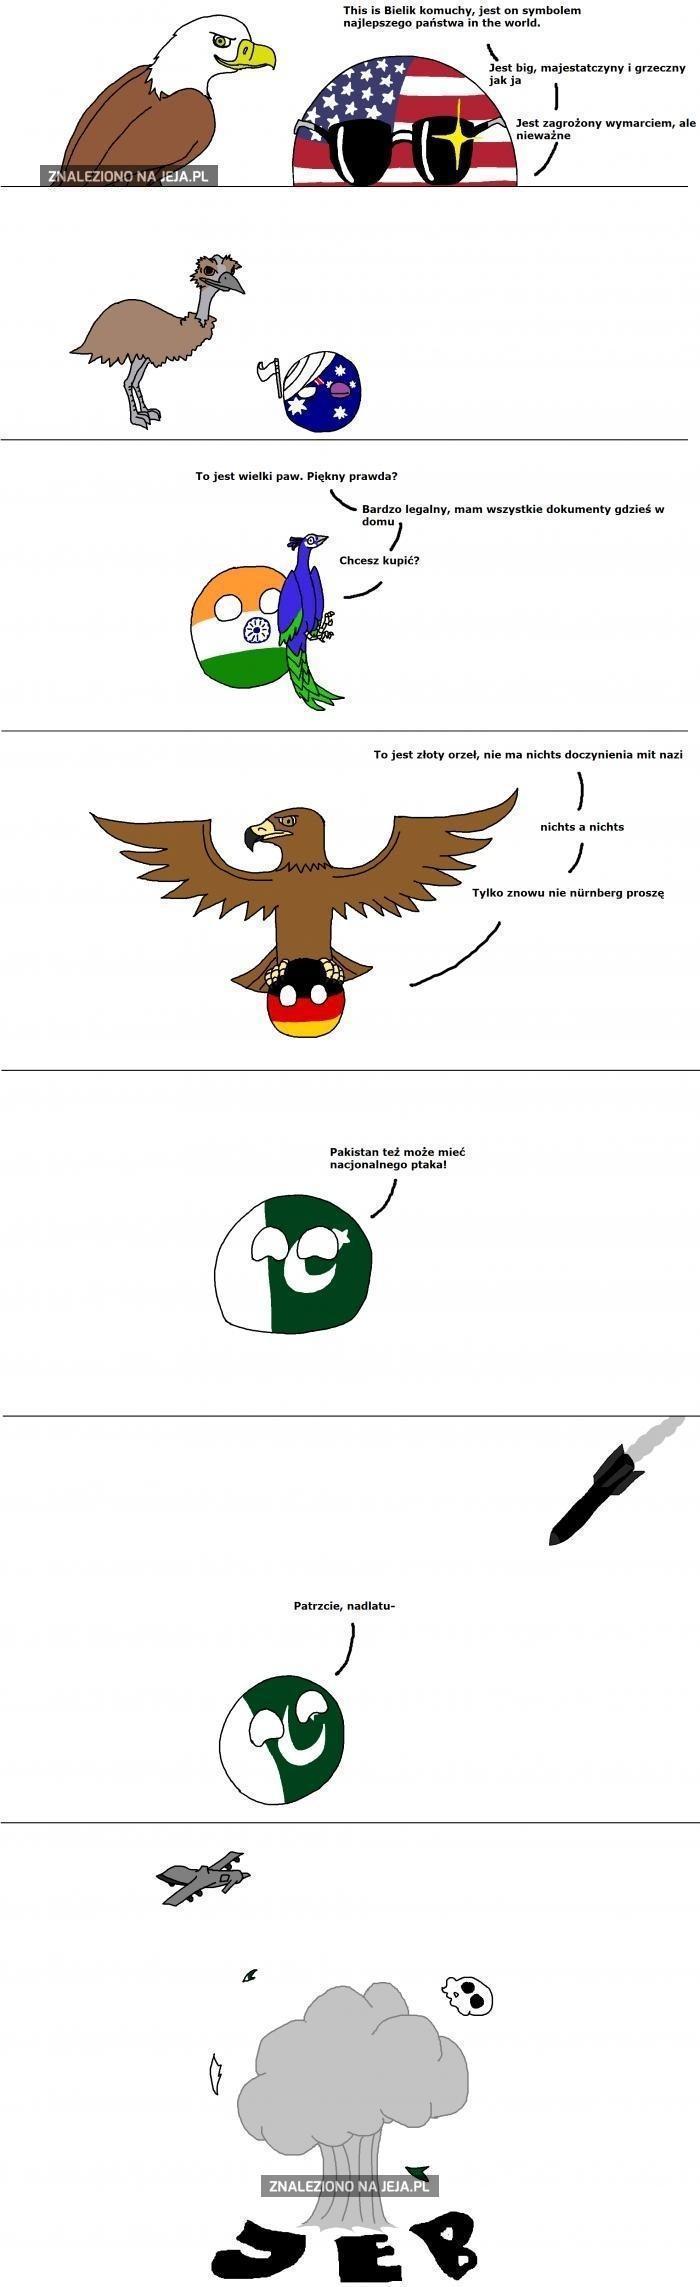 Zdjęcie użytkownika Kurczak_Z_Jajka w temacie Memy i komiksy o Countryballach